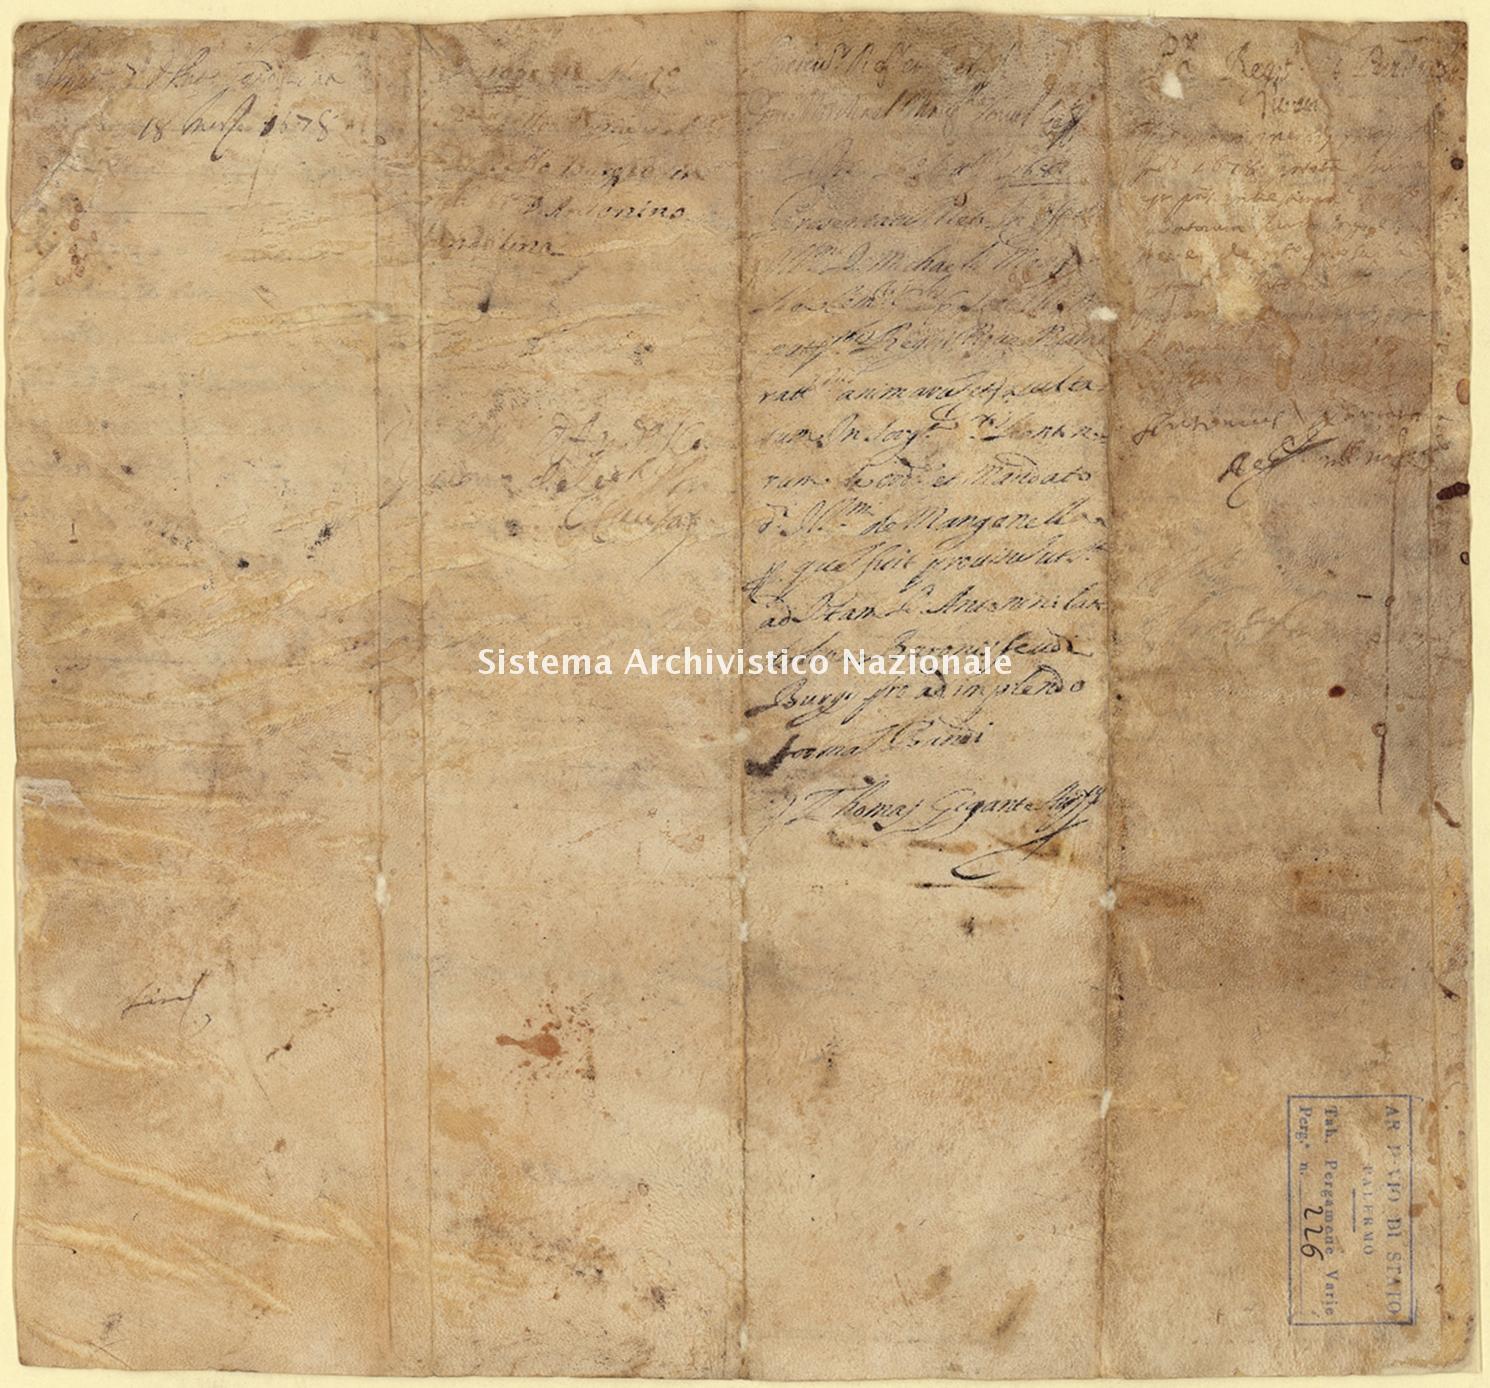 Archivio di Stato di Palermo, Diplomatico, Pergamene Landolina (già Pergamene varie 211-242), Pergamena PL 16 (PVa 226)